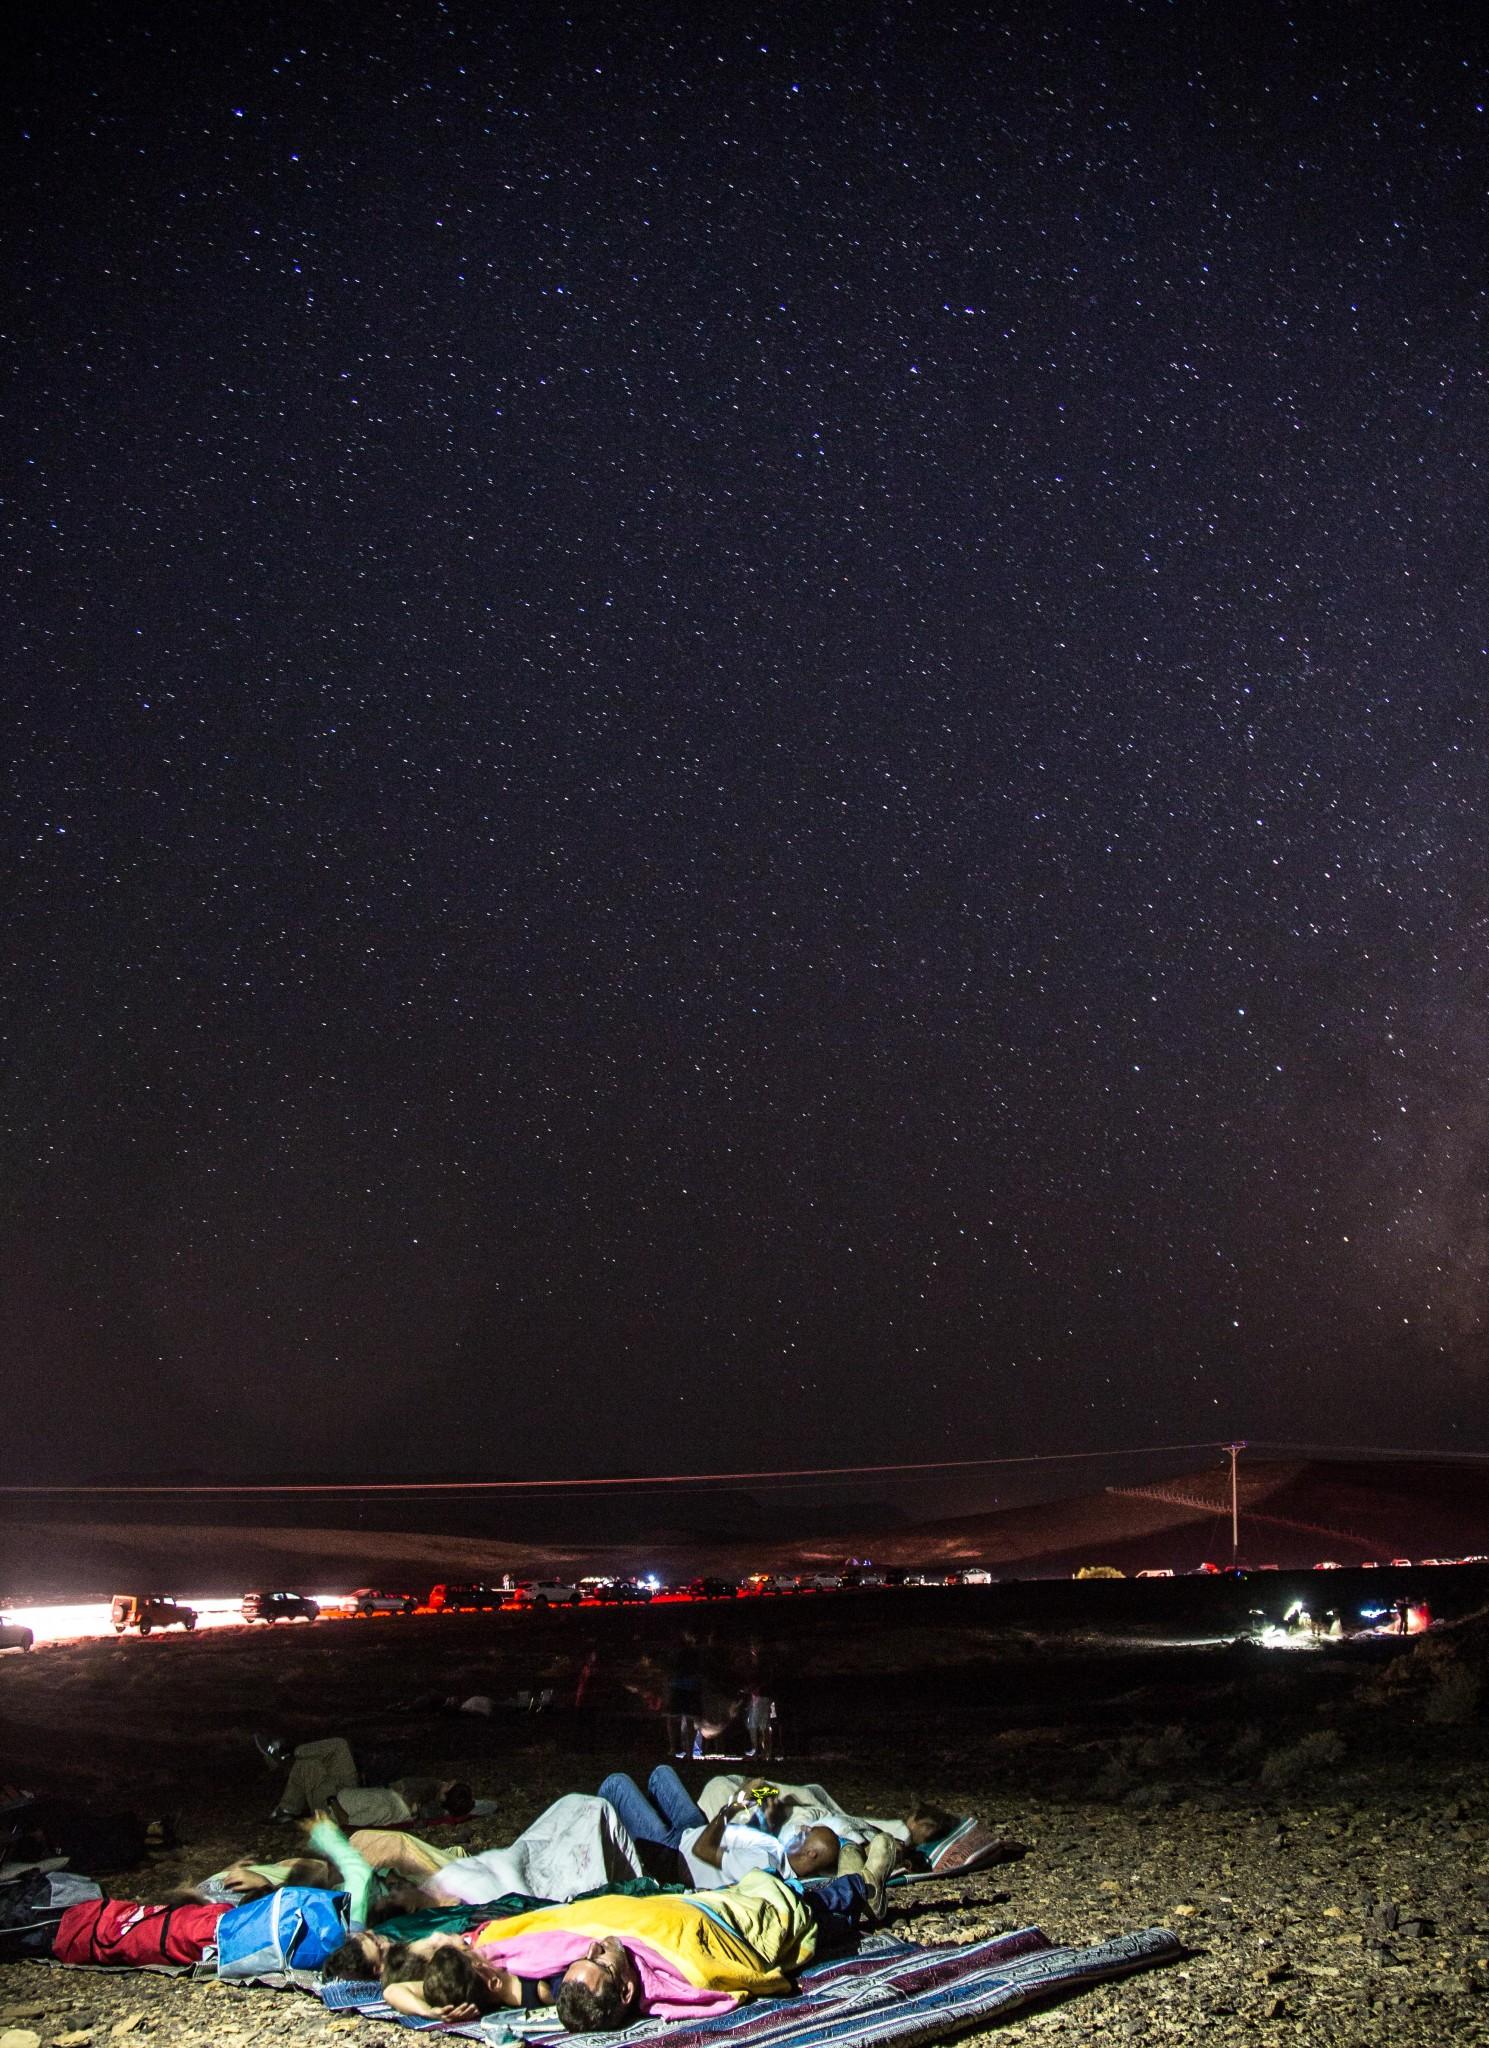 Noche de estrellas en el desierto del Negev, cerca del mirador de Mitzpe Ramon. Foto de Edi Israel/Flash90.